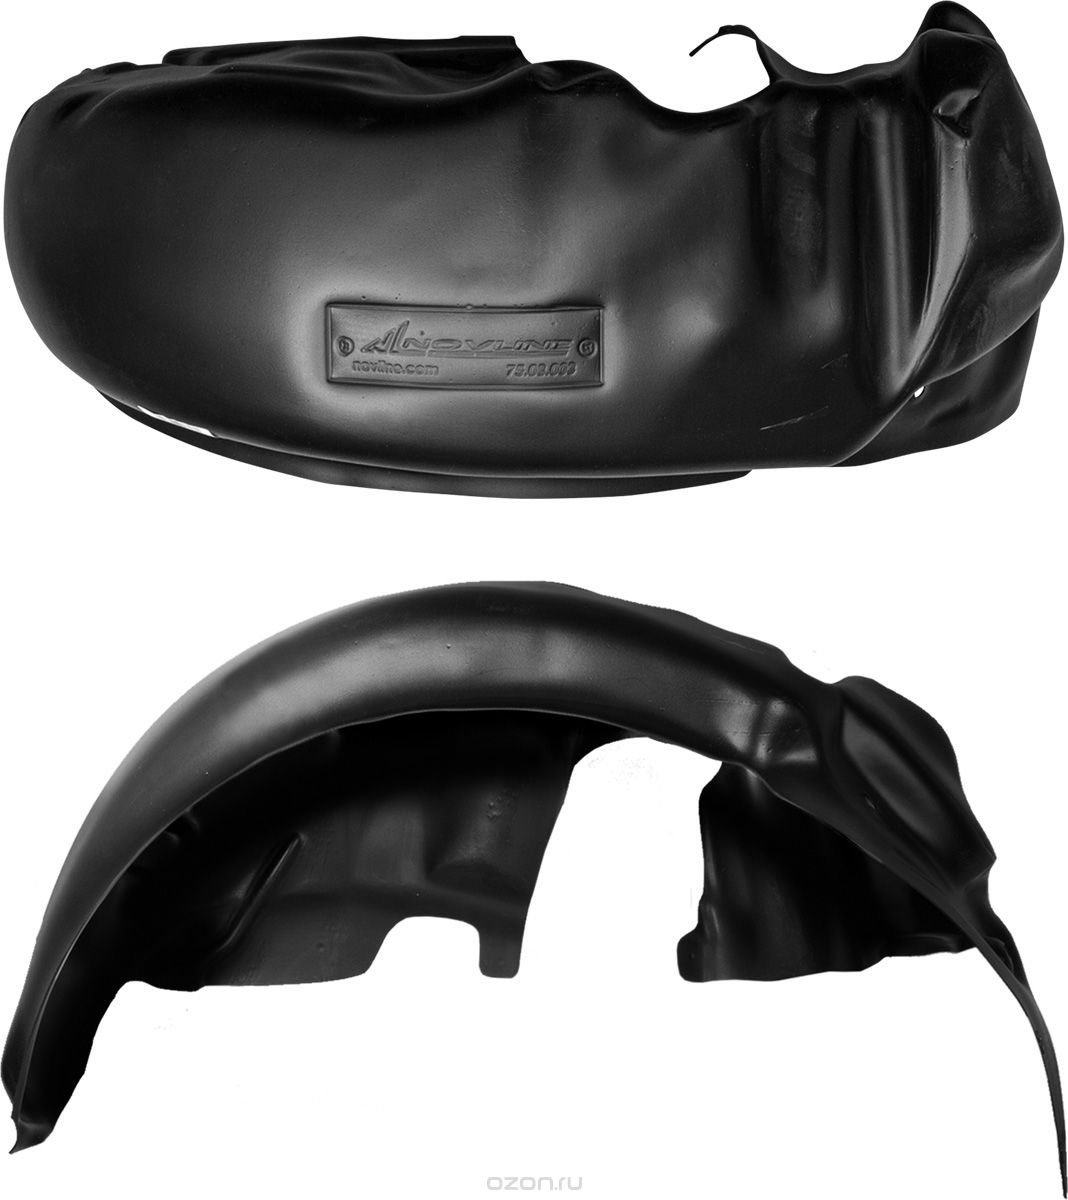 Подкрылок Novline-Autofamily, для DONGFENG H30, 03/2014->, Хэтчбек, задний правыйNLS.52.16.002Идеальная защита колесной ниши. Локеры разработаны с применением цифровых технологий, гарантируют максимальную повторяемость поверхности арки. Изделия устанавливаются без нарушения лакокрасочного покрытия автомобиля, каждый подкрылок комплектуется крепежом. Уважаемые клиенты, обращаем ваше внимание, что фотографии на подкрылки универсальные и не отражают реальную форму изделия. При этом само изделие идет точно под размер указанного автомобиля.